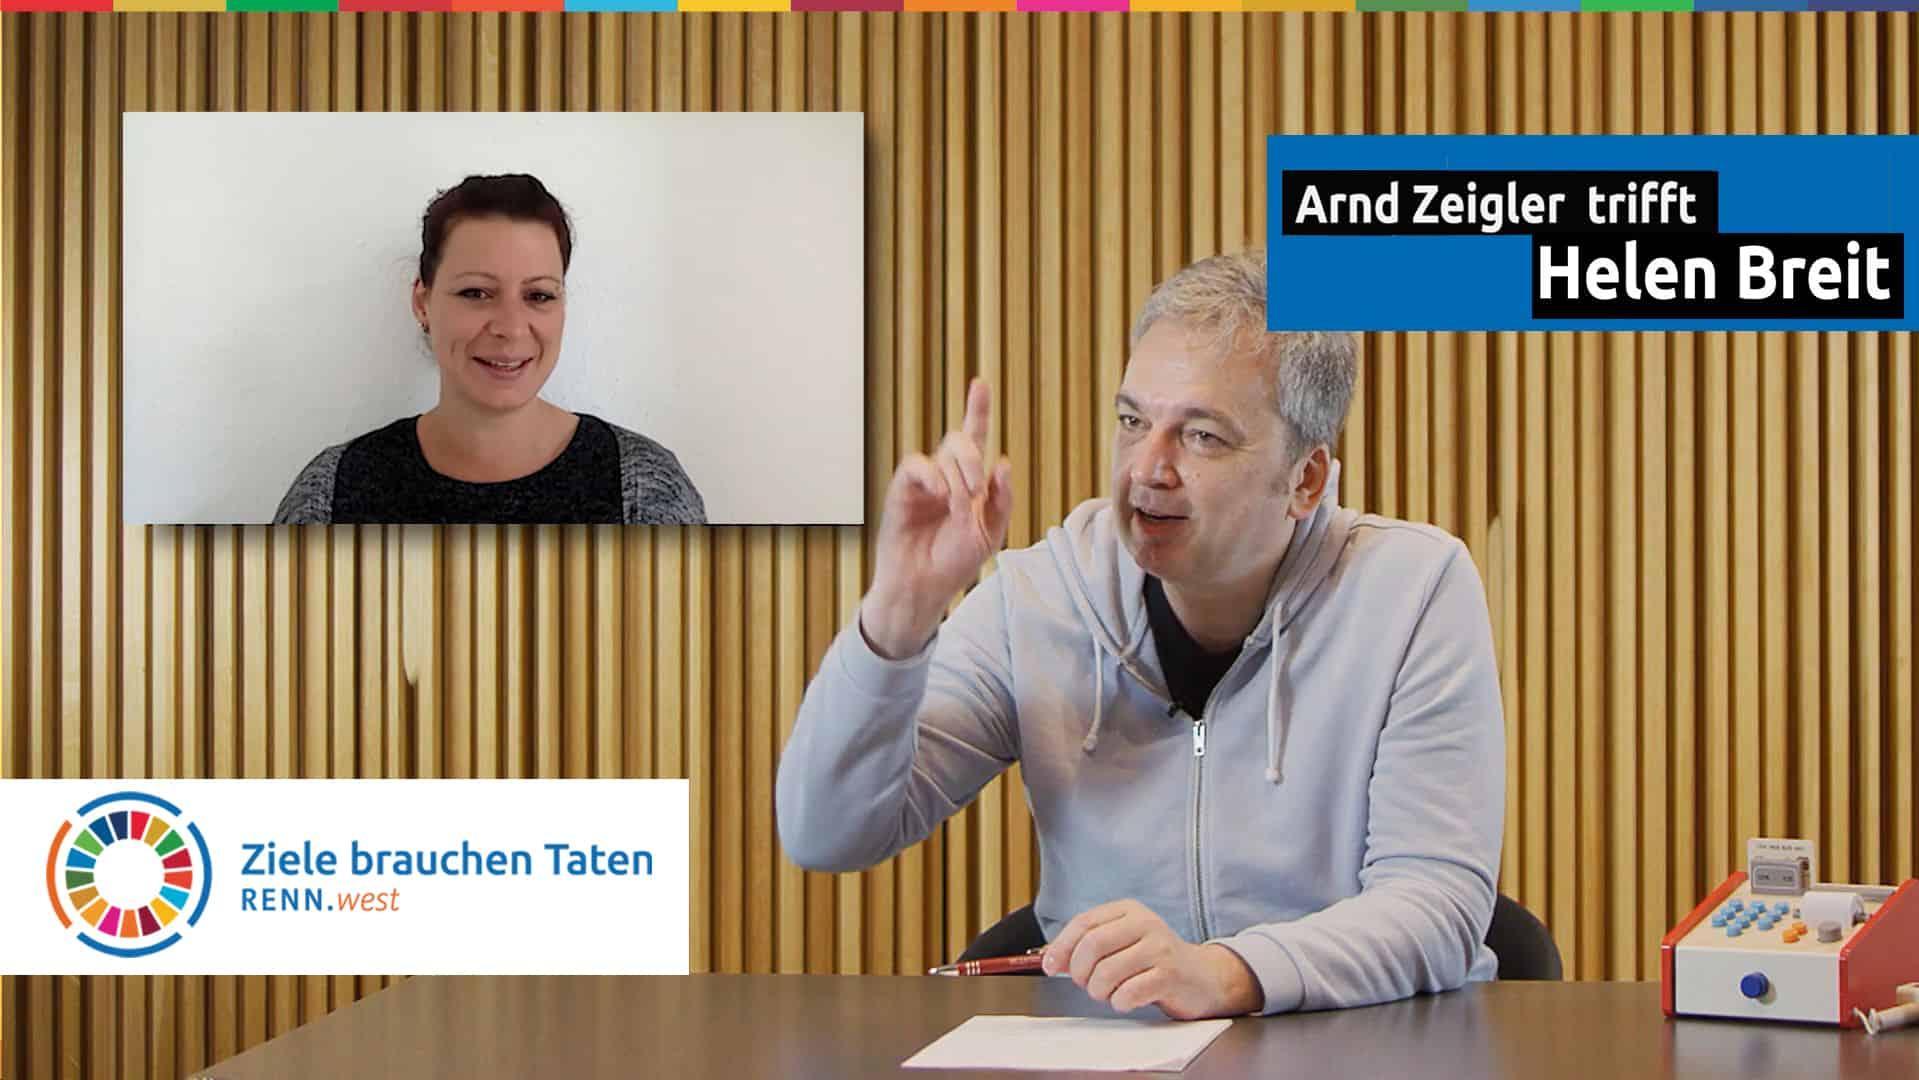 Arnd Zeigler mit Helen Breit